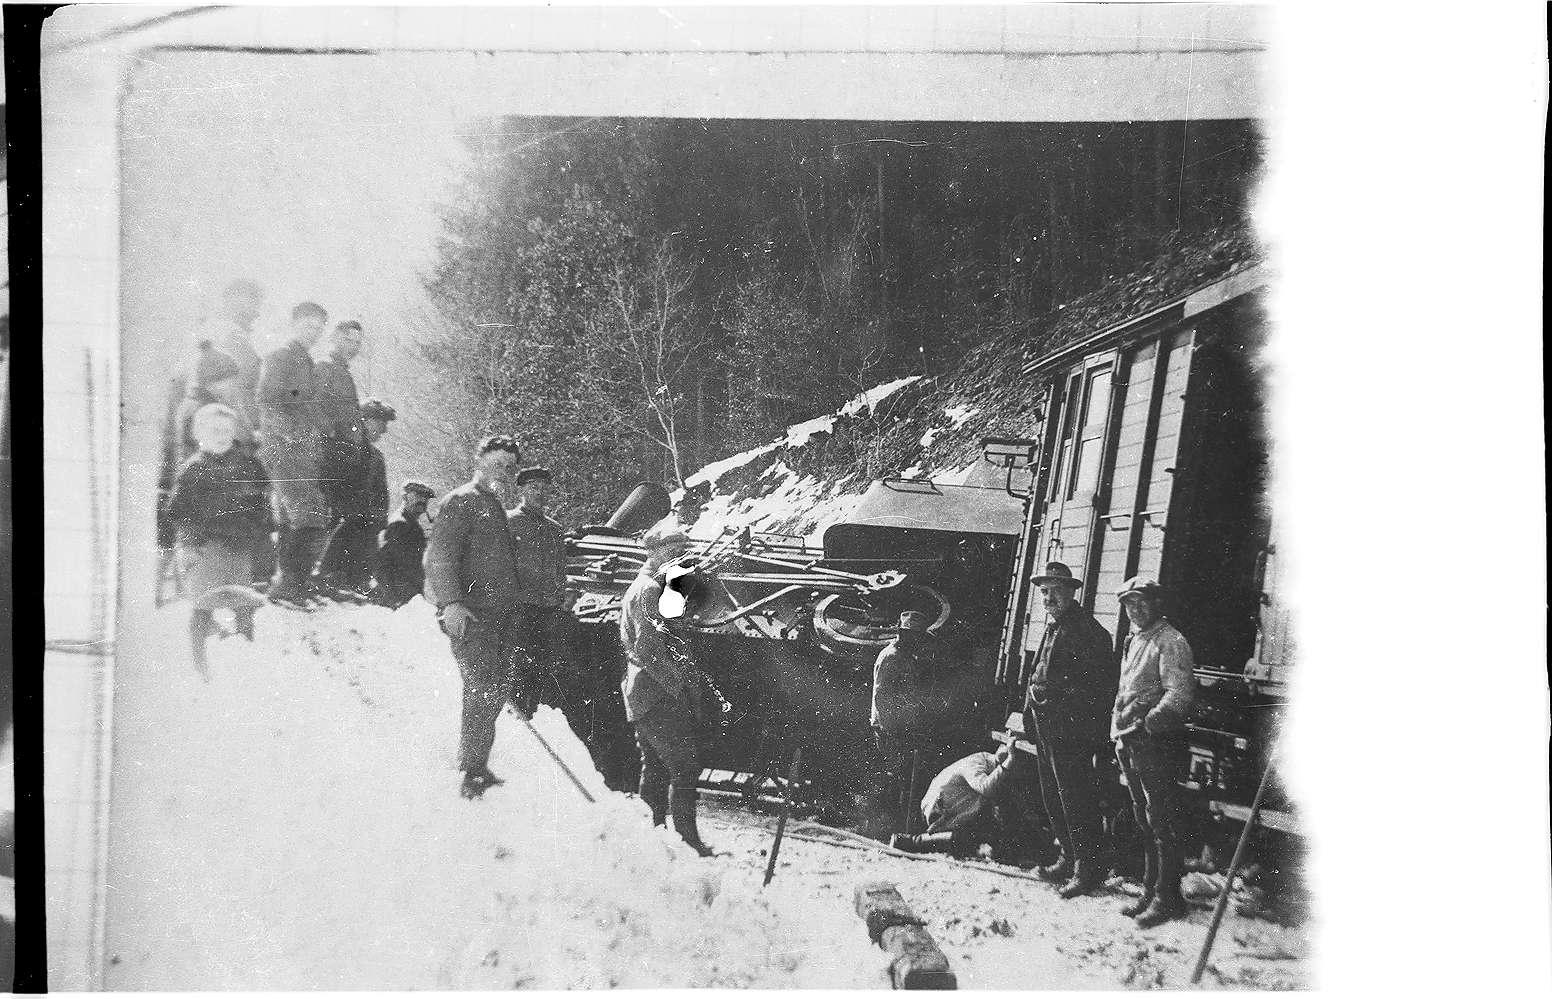 """Unfall Trochtelfingen 1931, mit einer zweiachsigen """"d""""-Maschine, die auf einen Felsbrocken fuhr; veröffentlicht im Bildband Trochtelfingen 1985, Geiger-Verlag Horb, Bild 1"""